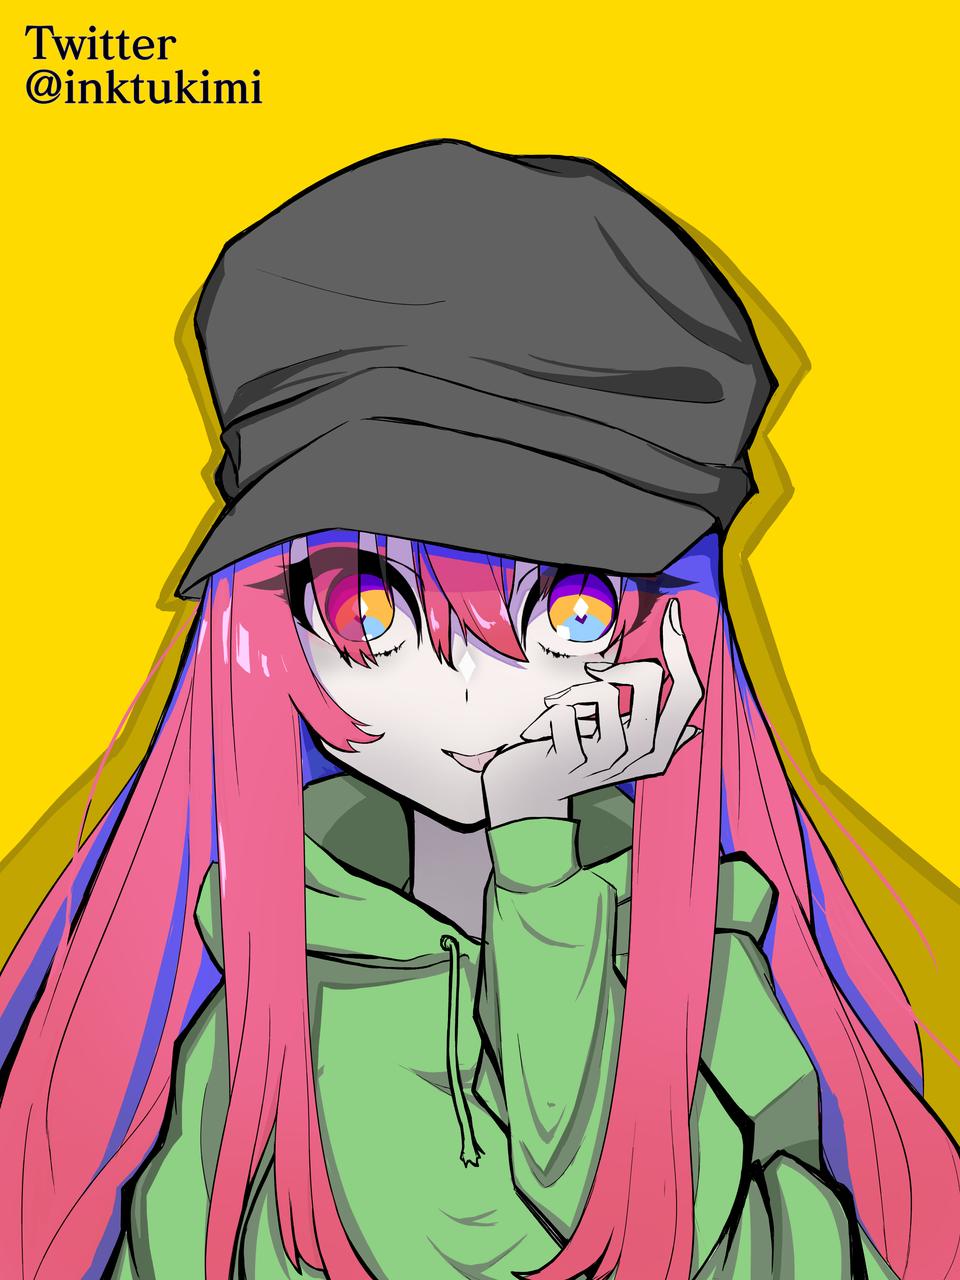 赤髪少女 Illust of 奏白屋 medibangpaint girl 美少女 赤髪 illustration クール